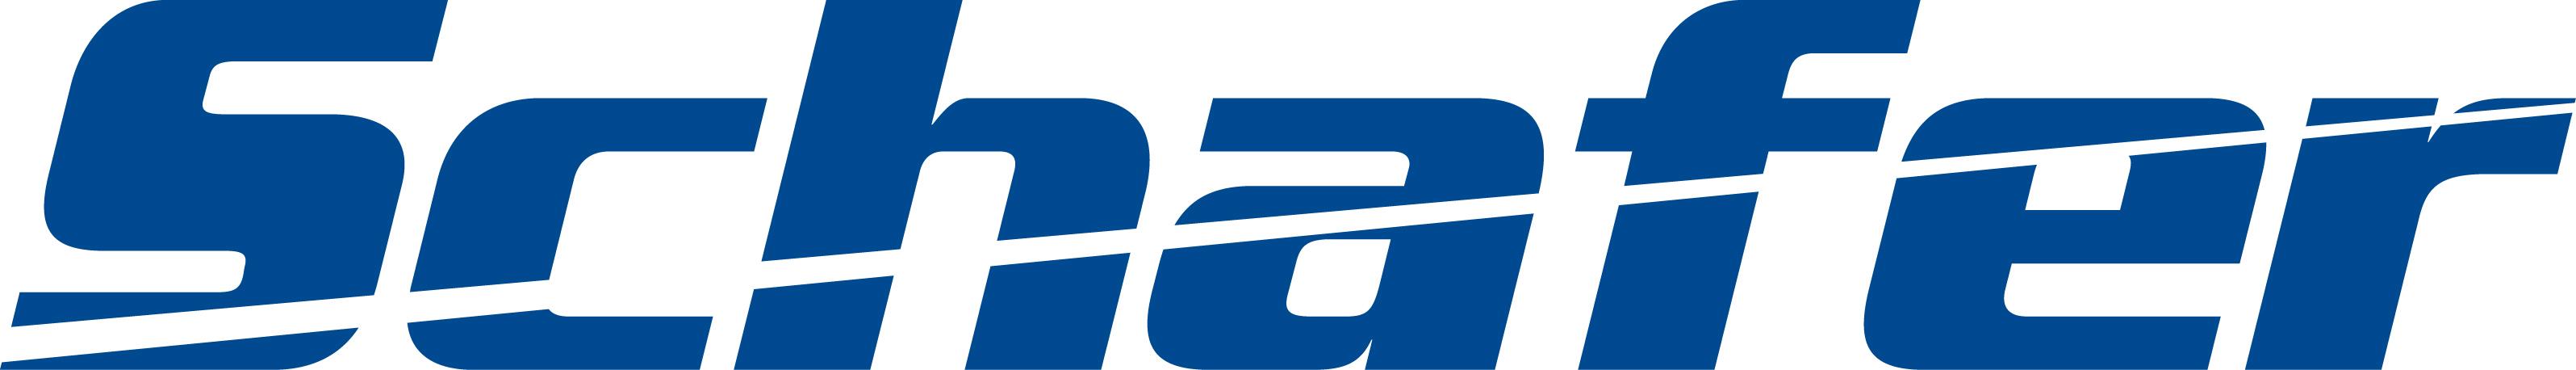 Image result for Schafer logo image